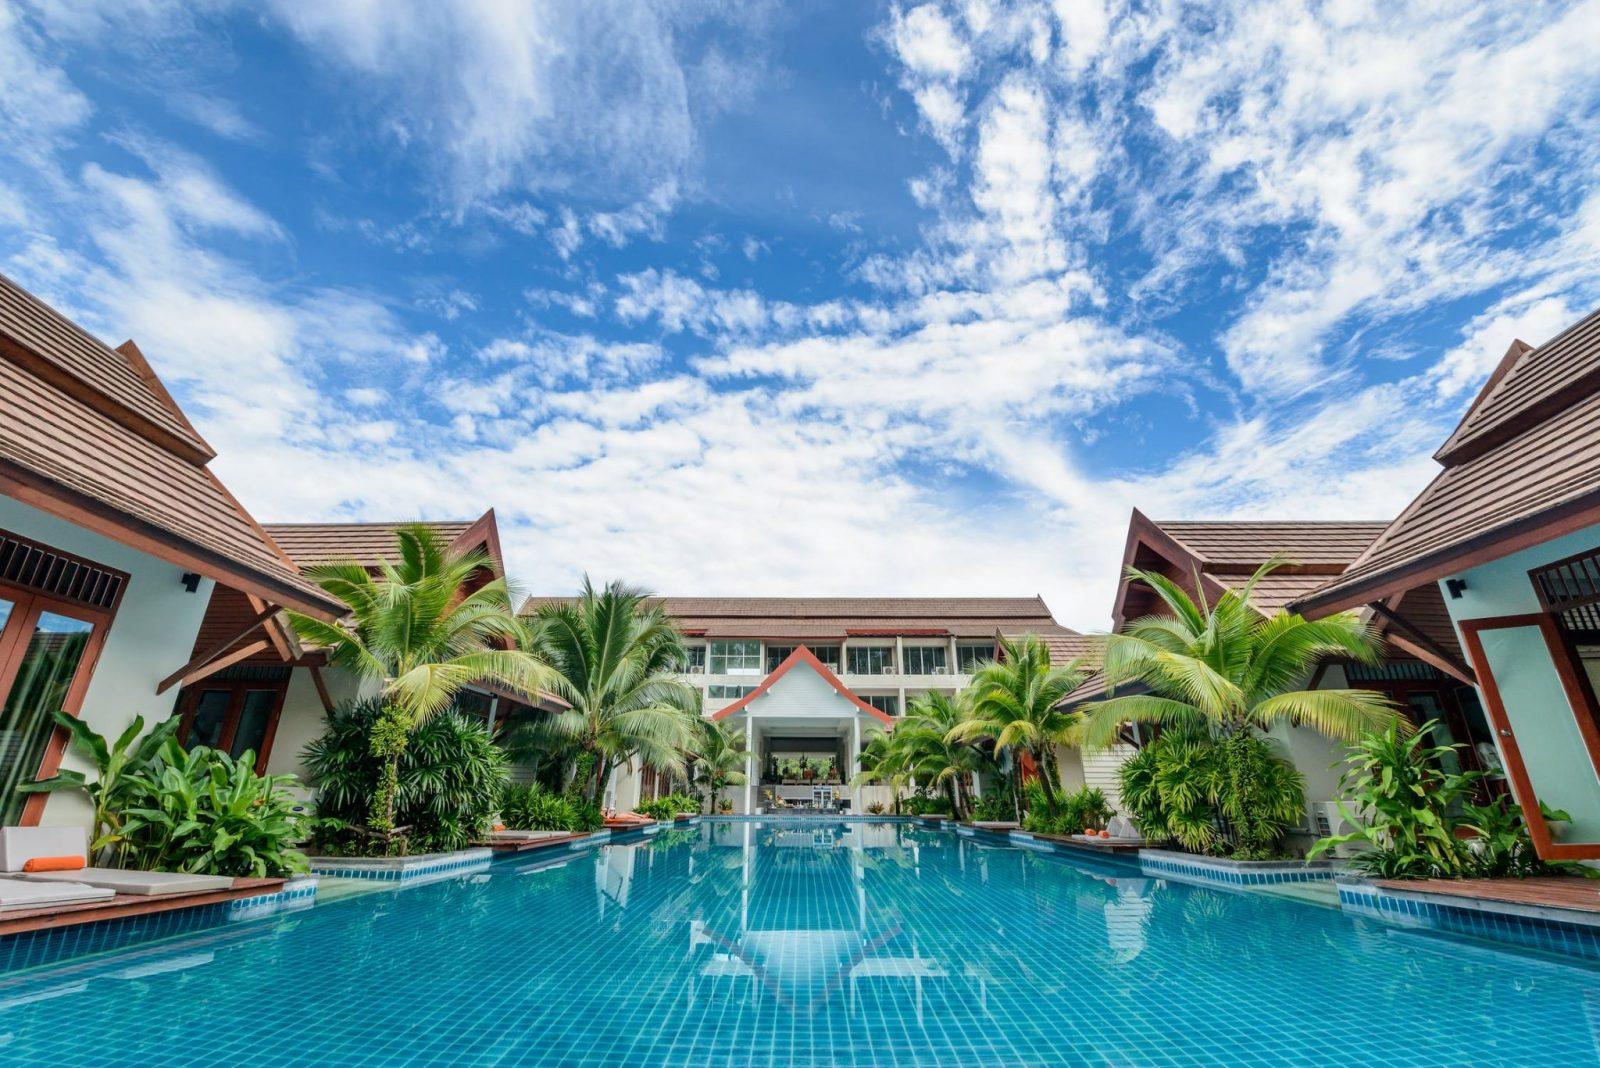 location de maison avec piscine à Guadeloupe